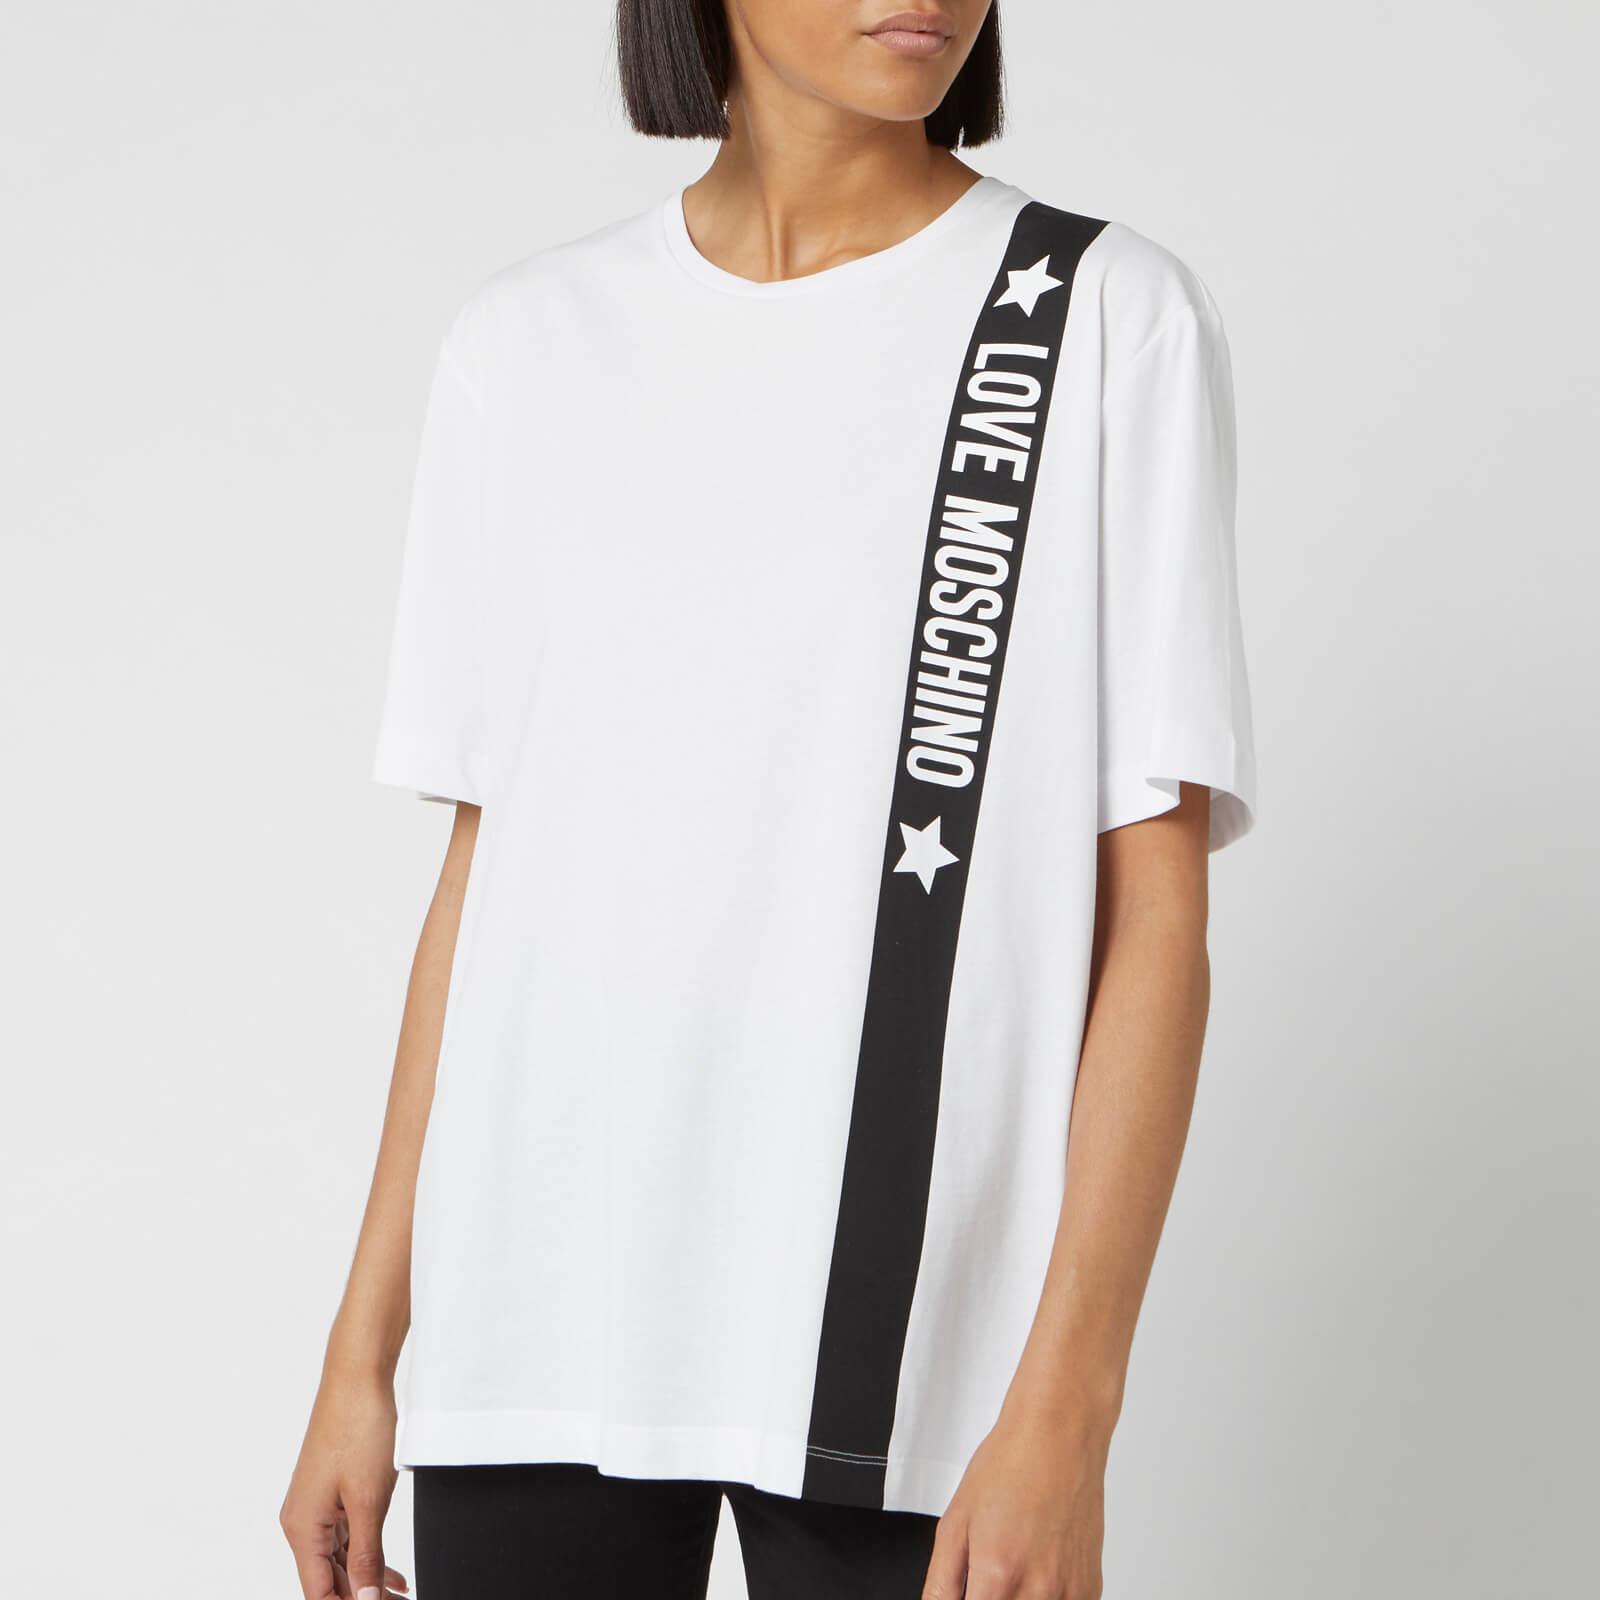 Moschino Love Moschino Women's Tape Logo T-Shirt - Optical White - IT 40/UK 8 - White